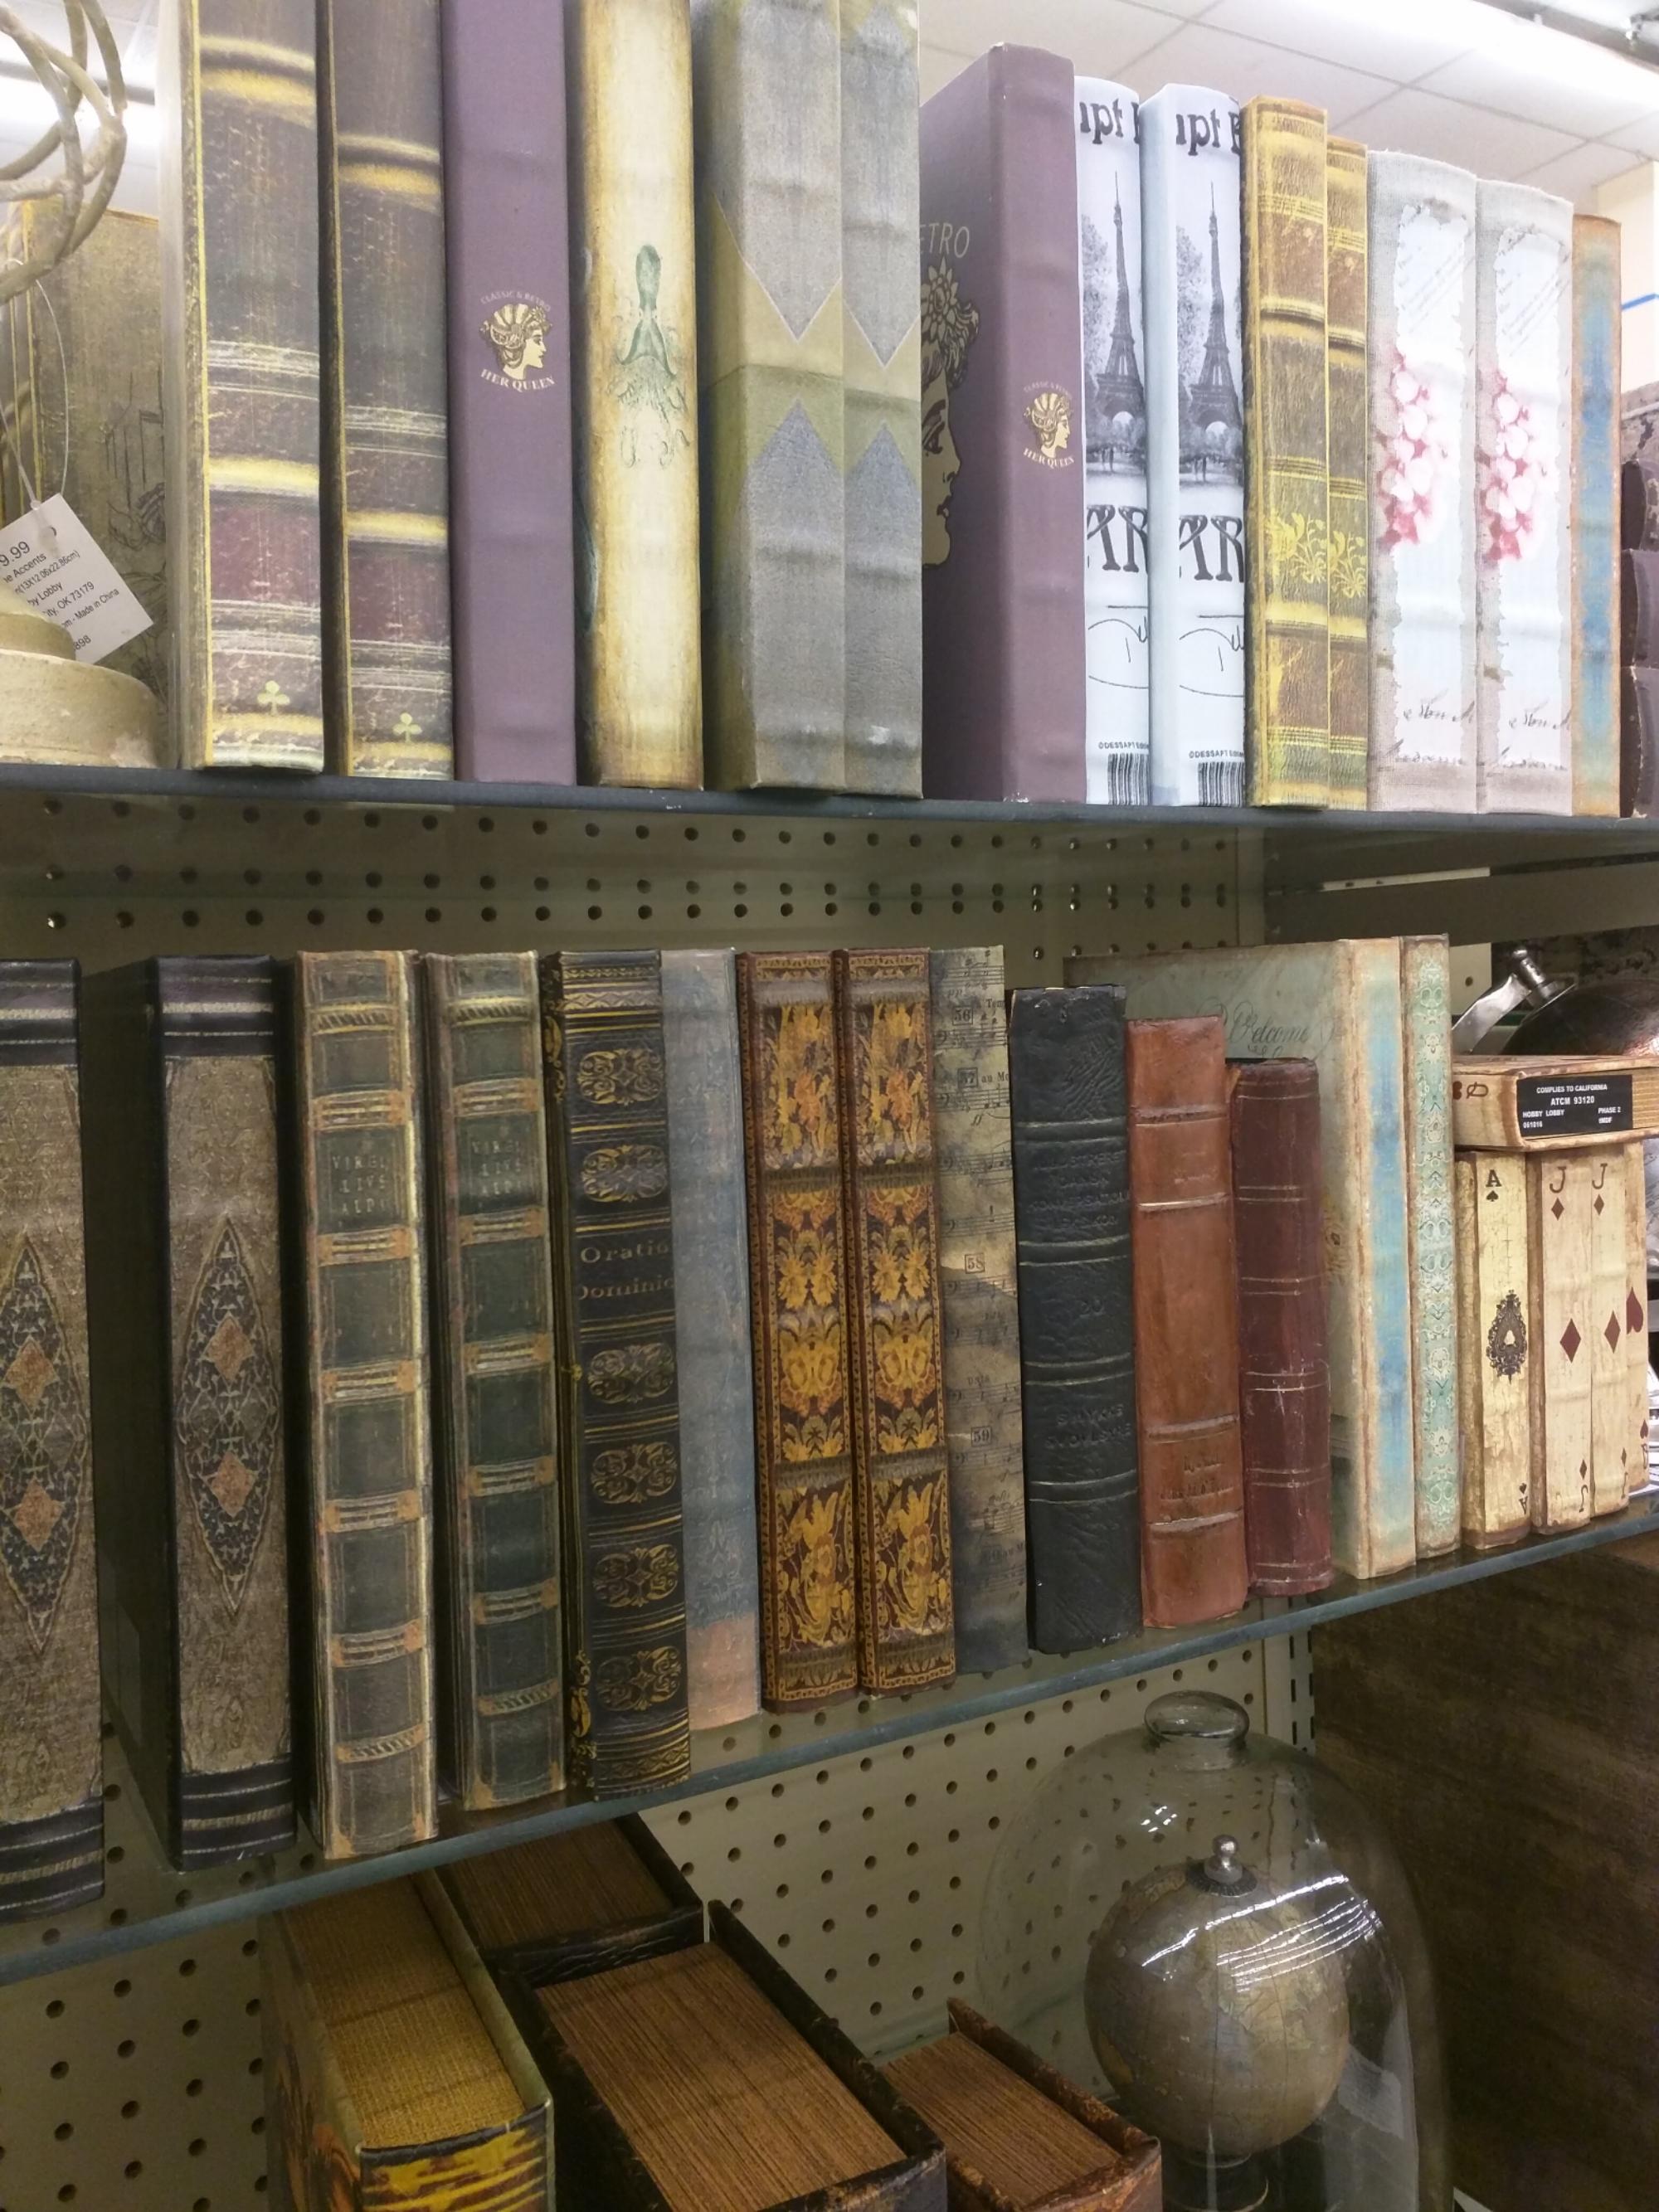 Fake Books at Hobby Lobby